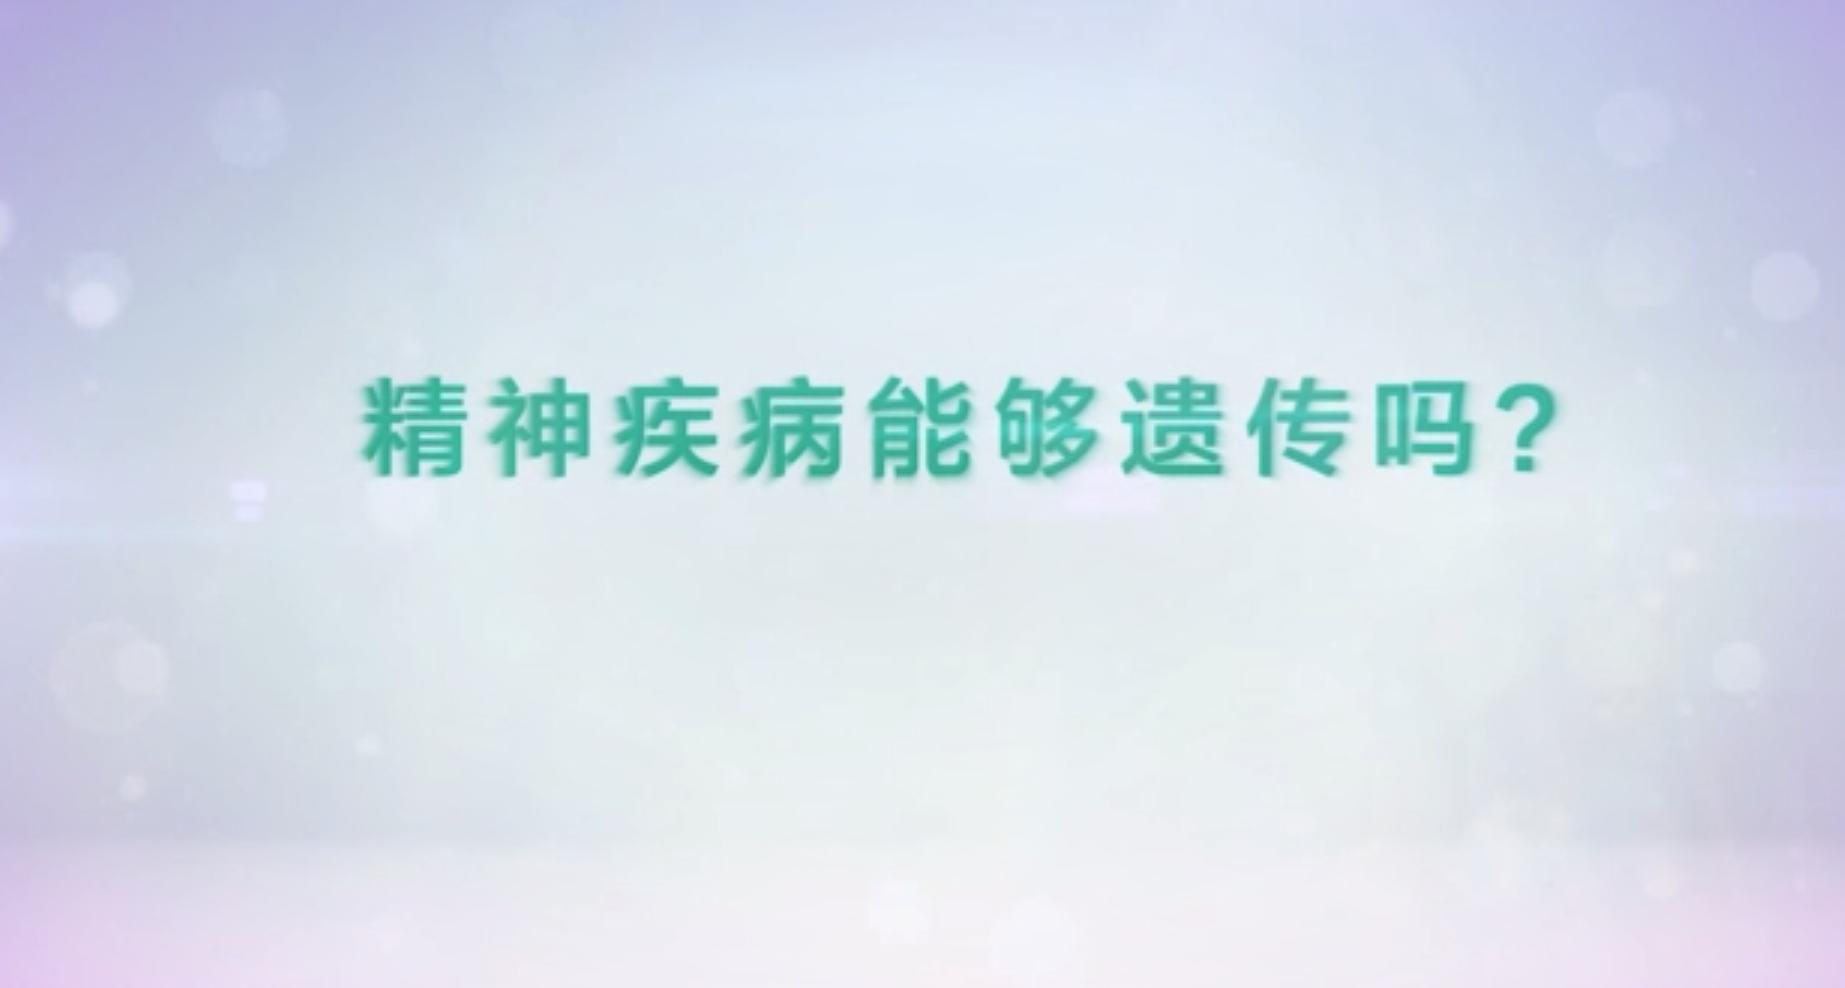 于平华:精神疾病能够遗